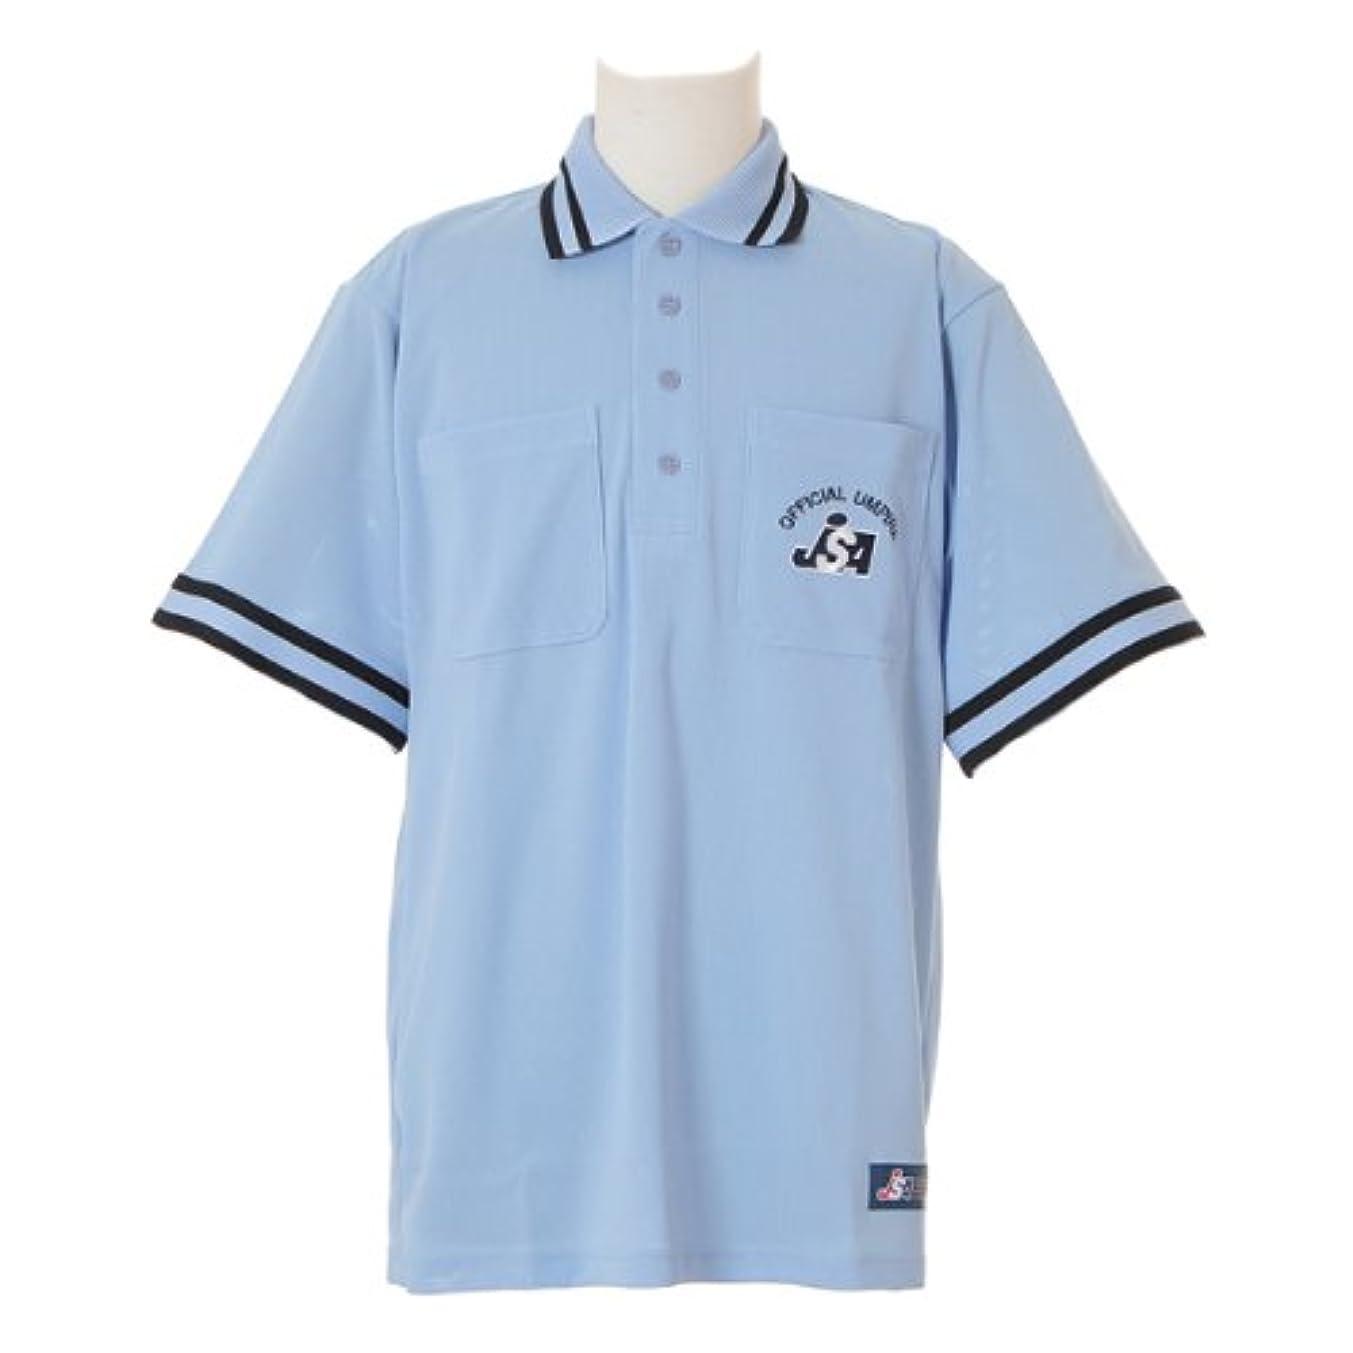 その後柔らかい足文芸MIZUNO(ミズノ) ソフトボール審判員用 半袖シャツ 52HU15019